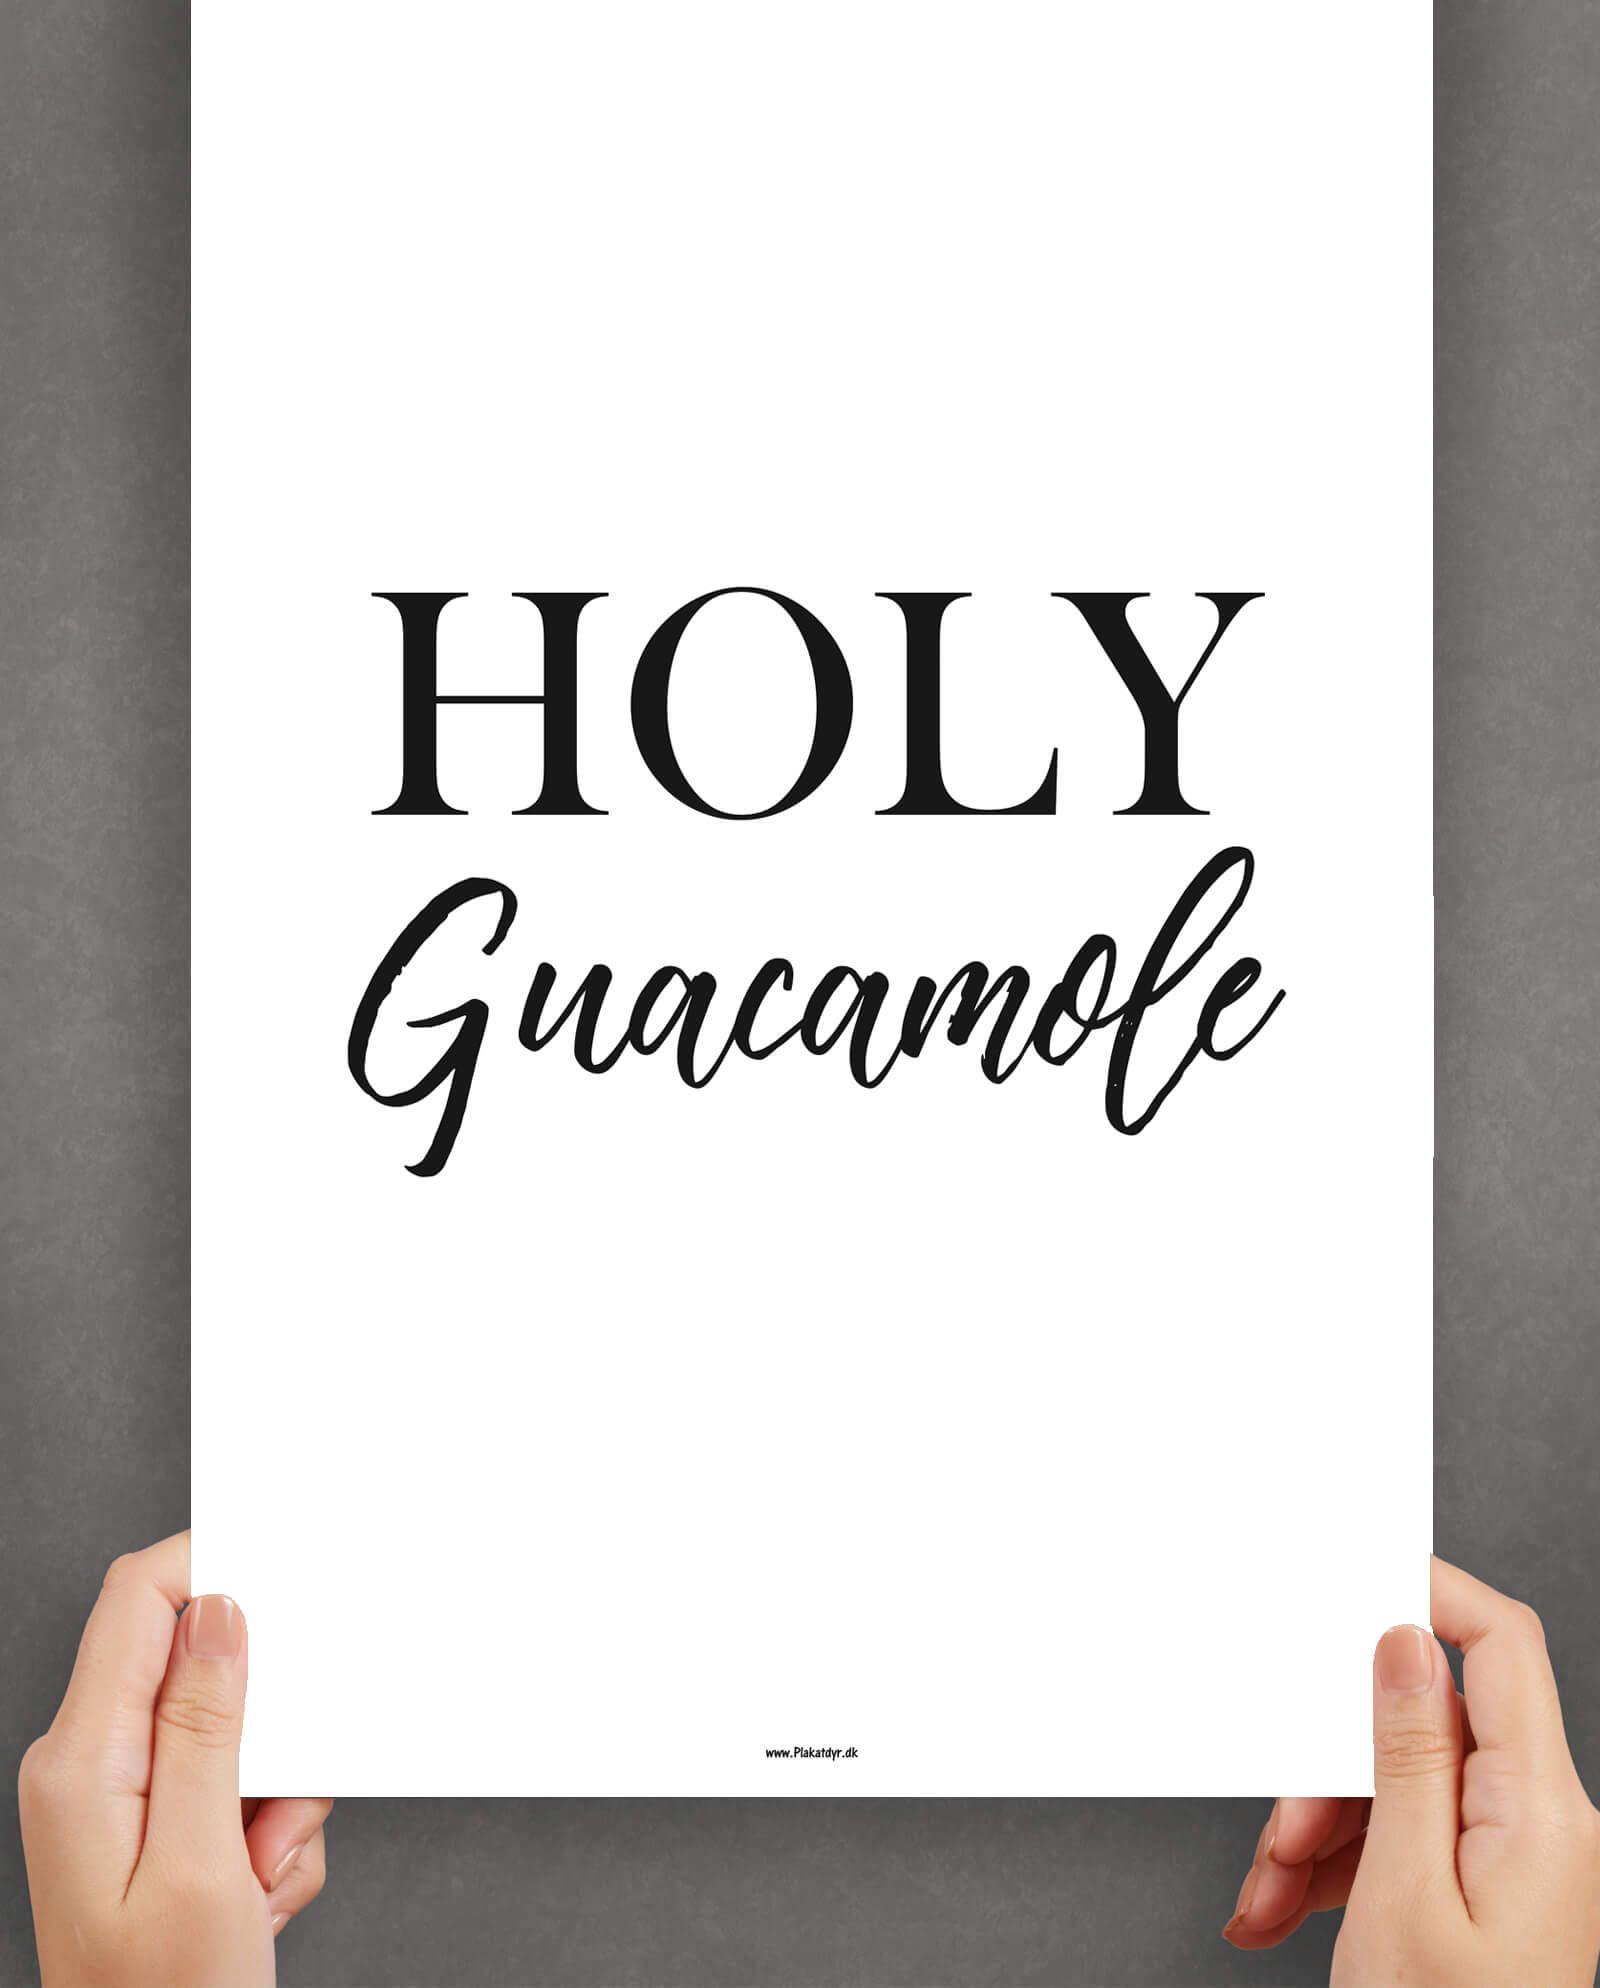 holy-guacamole-køkken